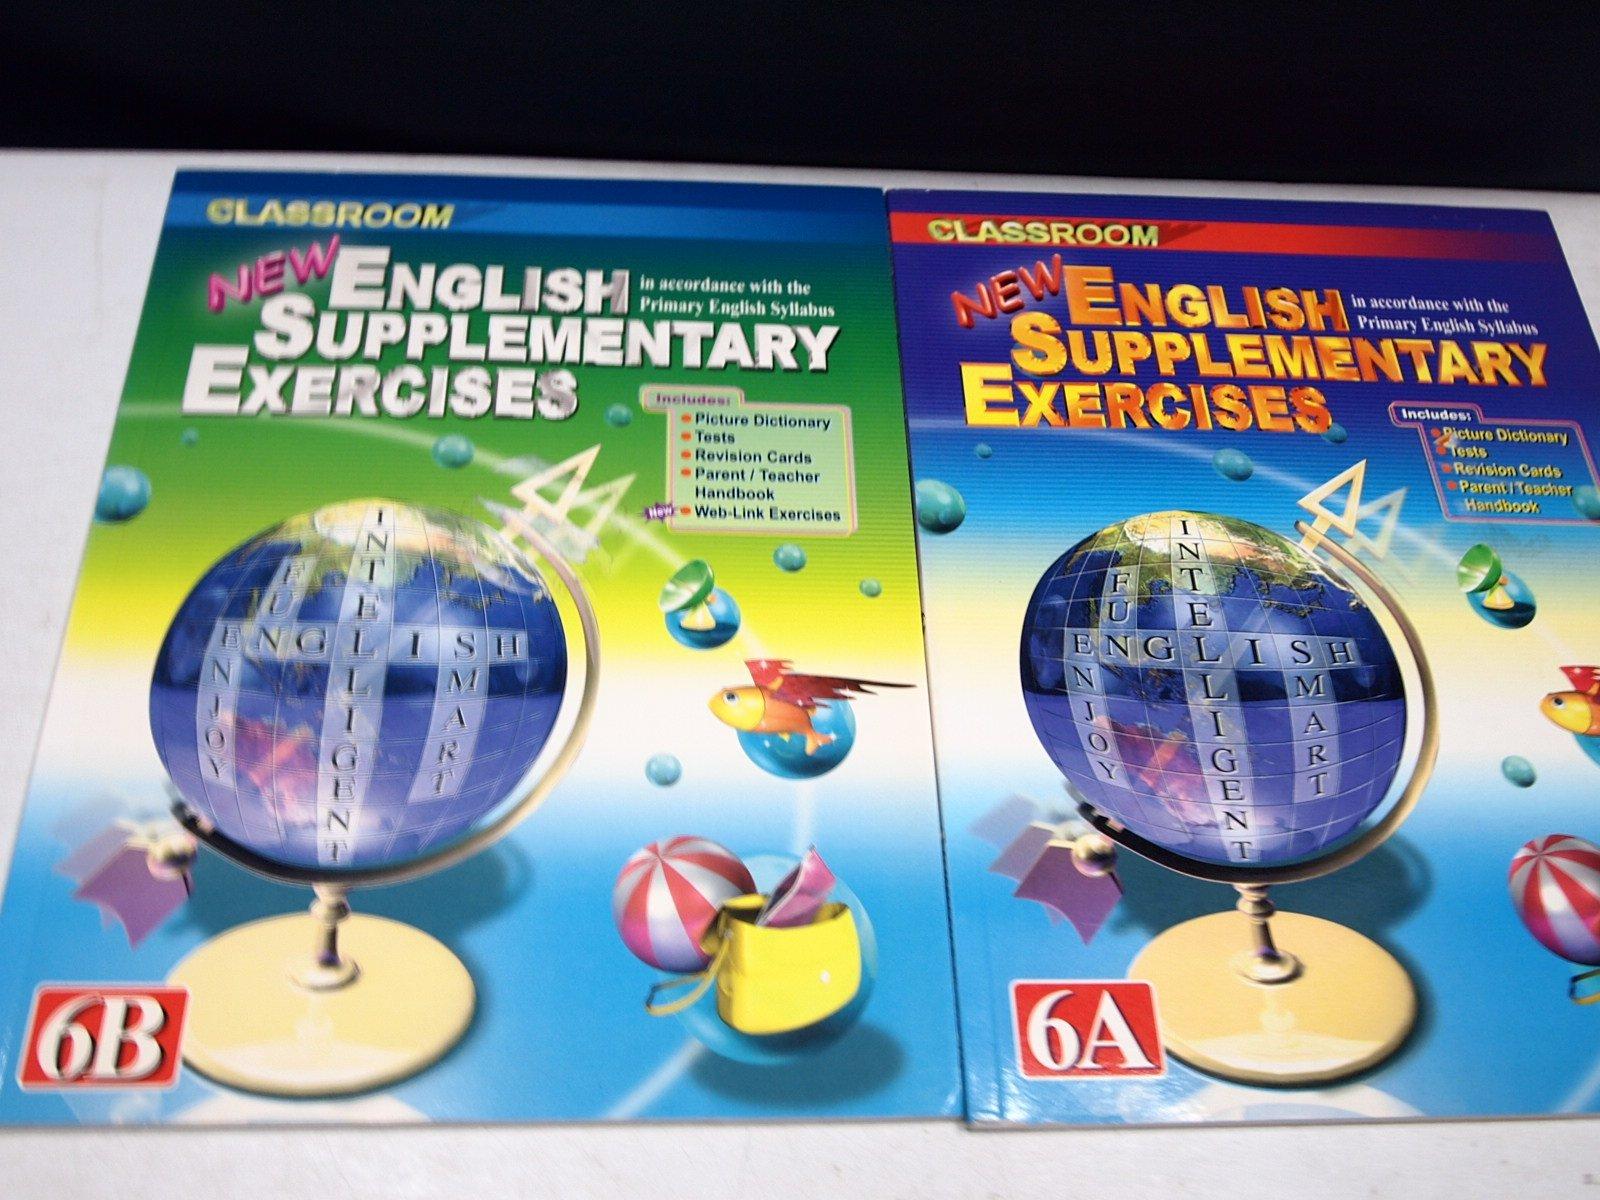 【考試院二手書】《NEW ENGLISH SUPPLEMENTARY EXERCISES 6A+6B 》│ 七成新